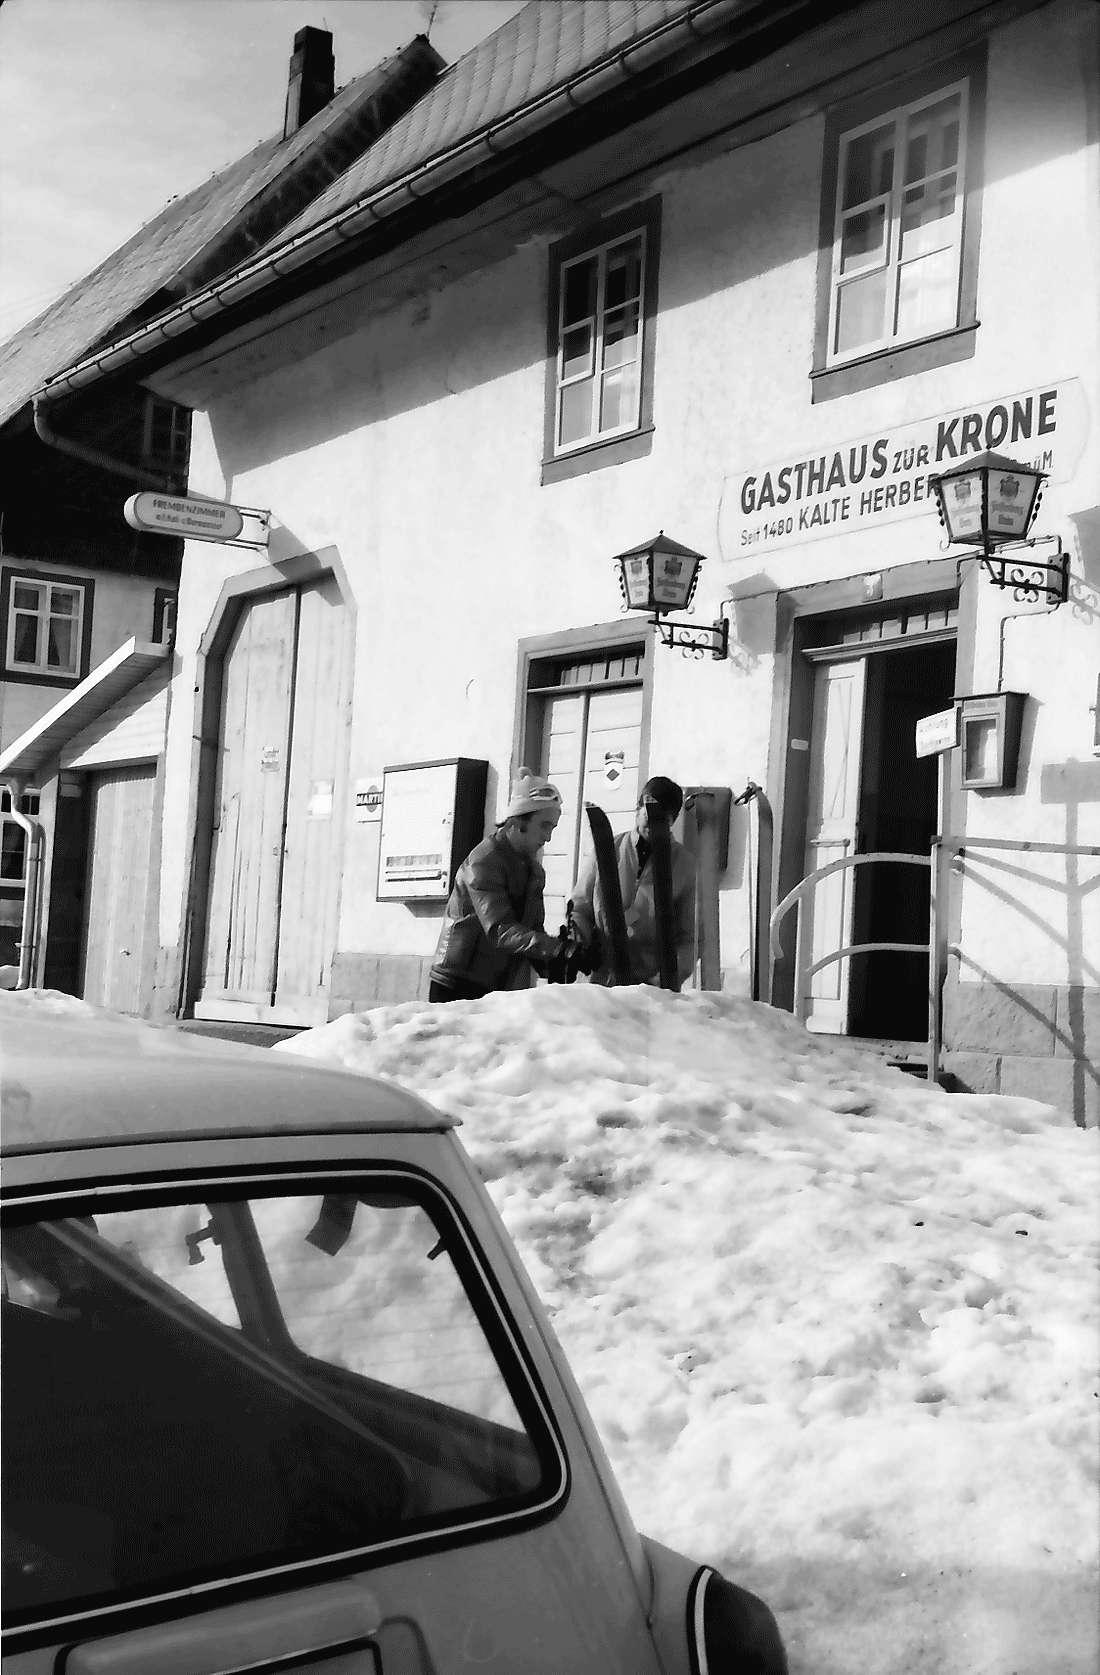 Kalte Herberge: Wirtshaus zur Kalten Herberge; Eingang im Schnee, Bild 2